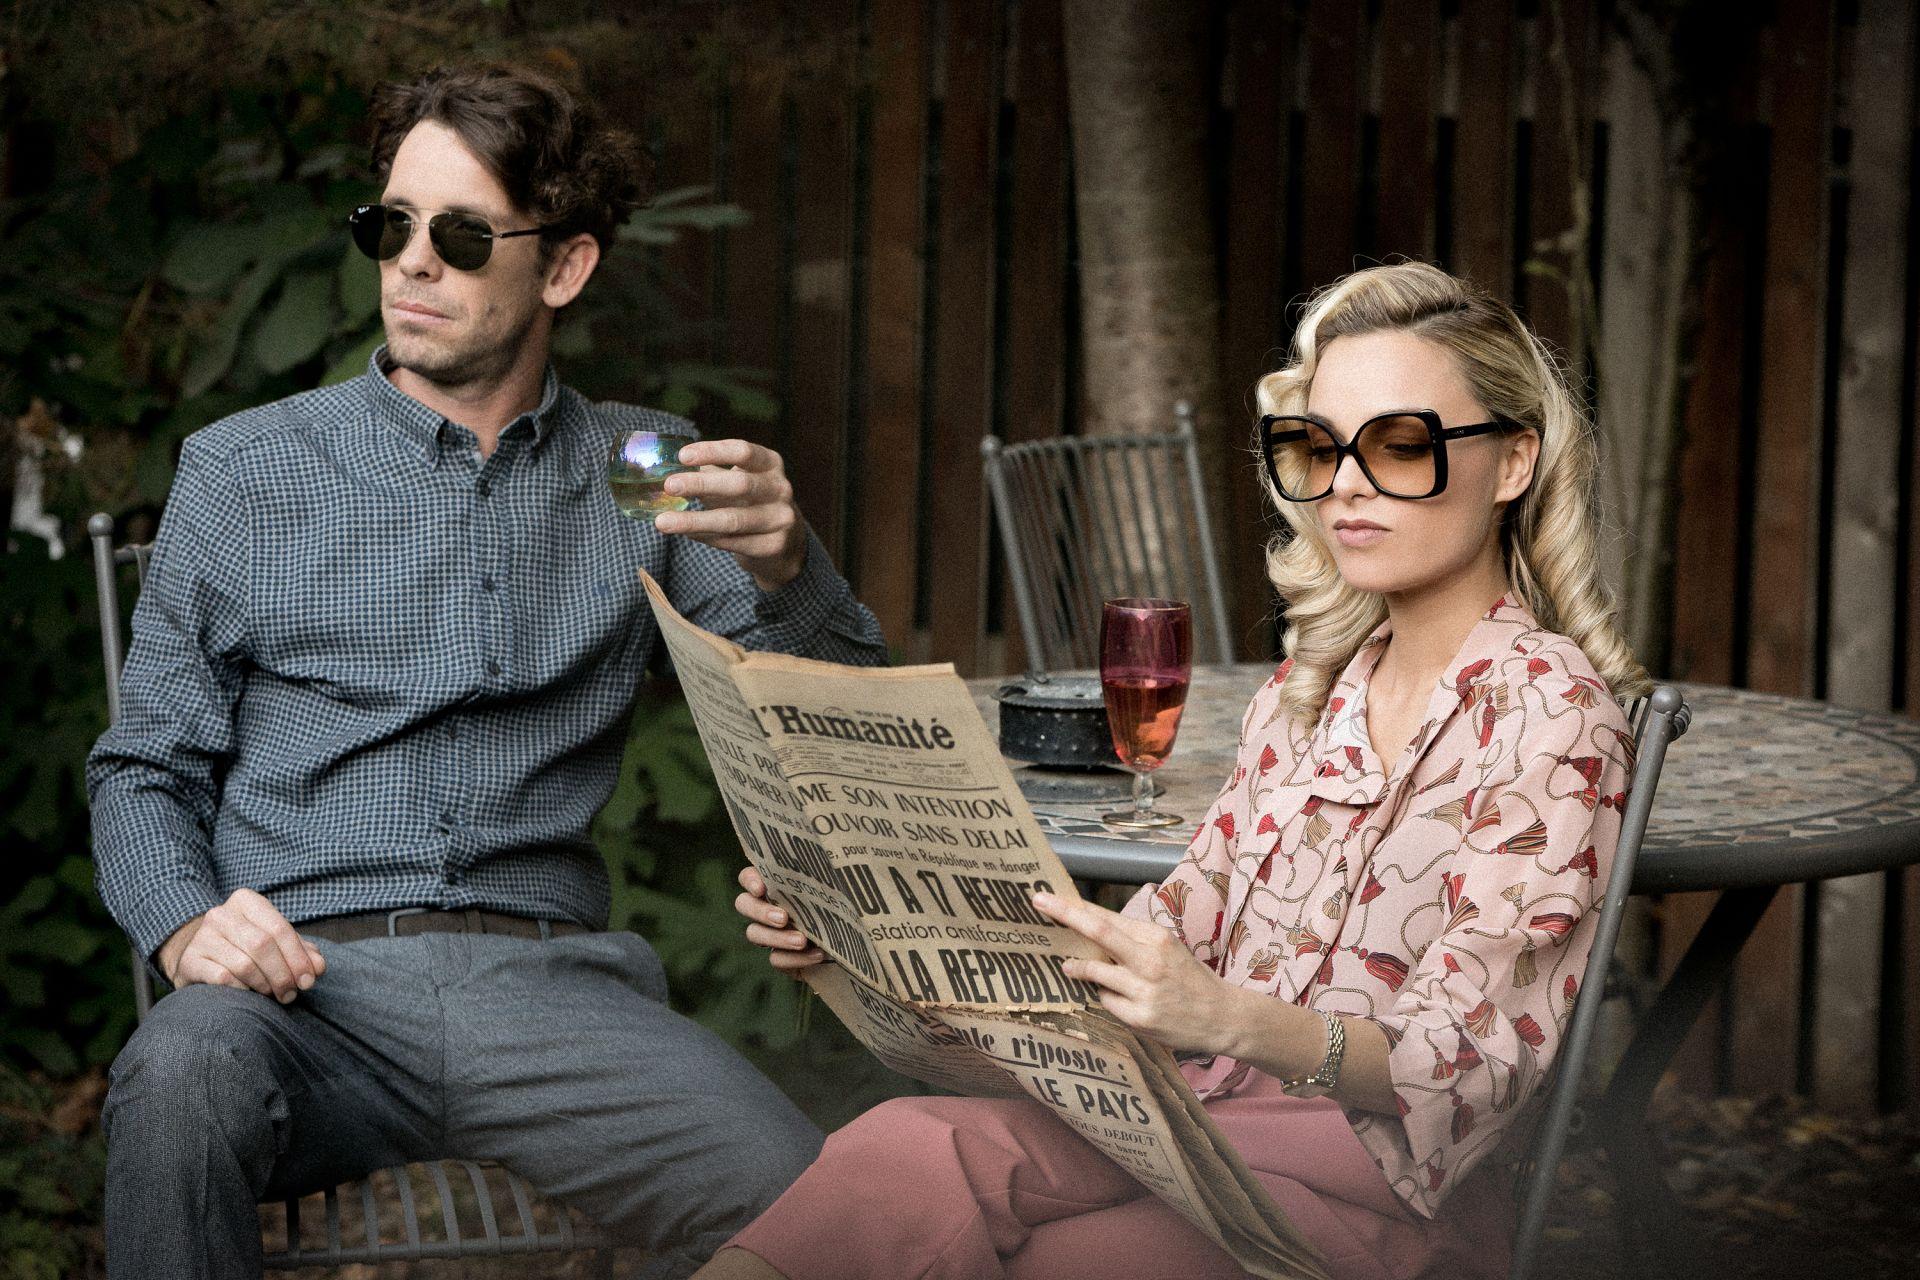 Слънчеви очила Рая: Gucci от Grand Optics // Явор слънчеви очила Ray-Ban от Grand Optics